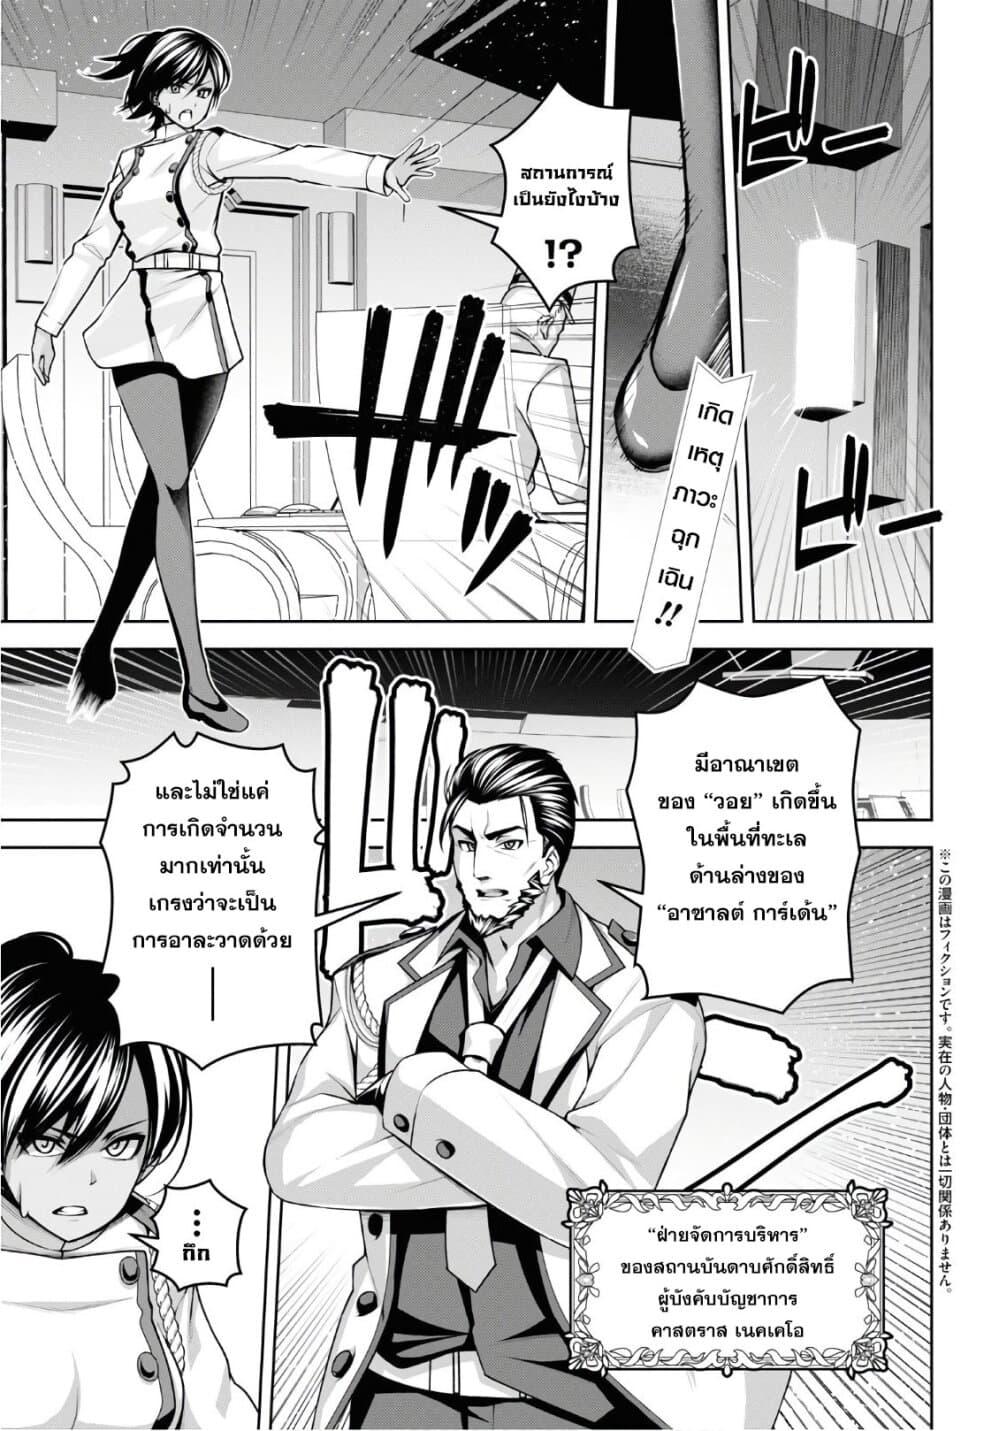 Seiken Gakuin no Maken Tsukai-ตอนที่ 9